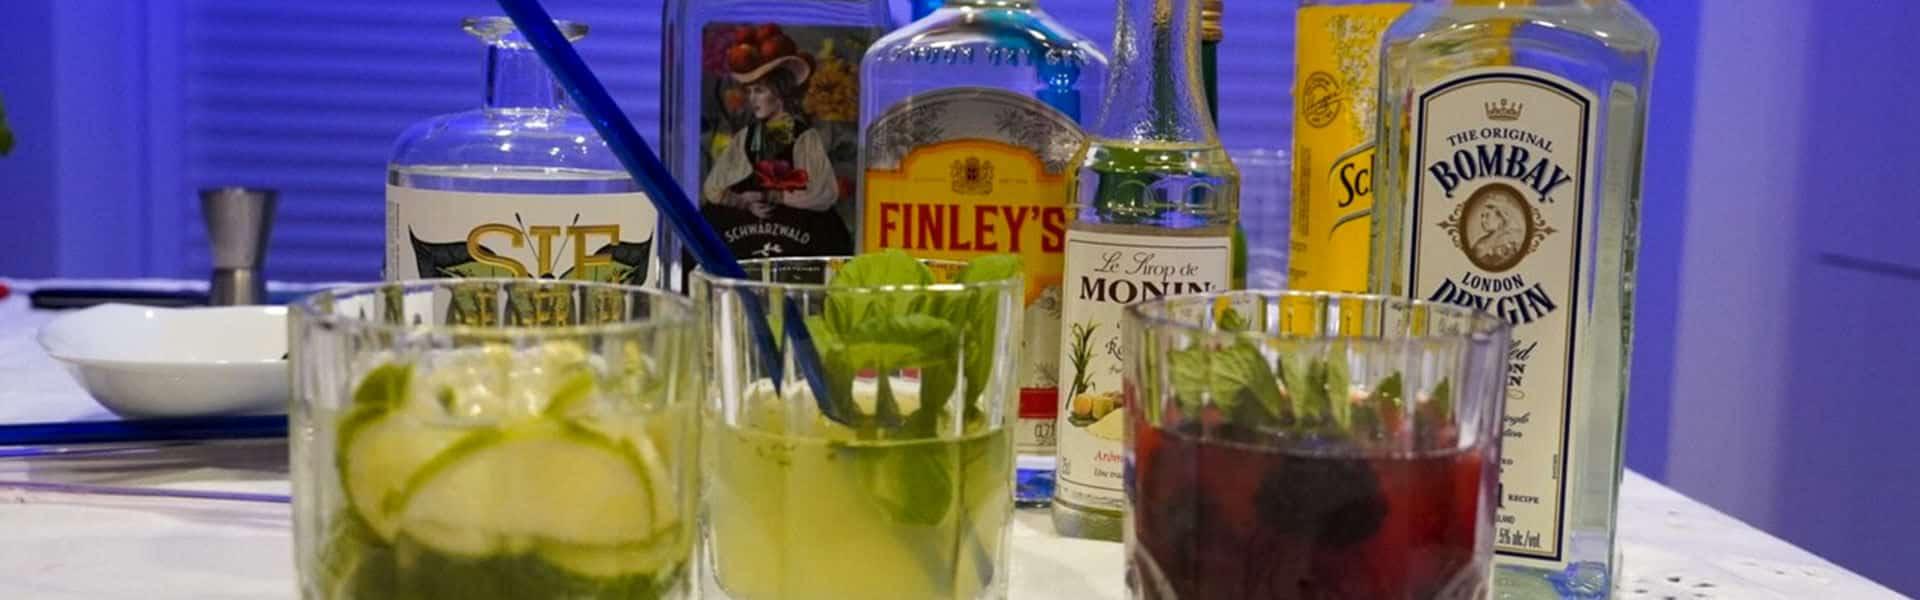 Cocktails selber mixen beim online Cocktailkurs als Teamevent von b-ceed